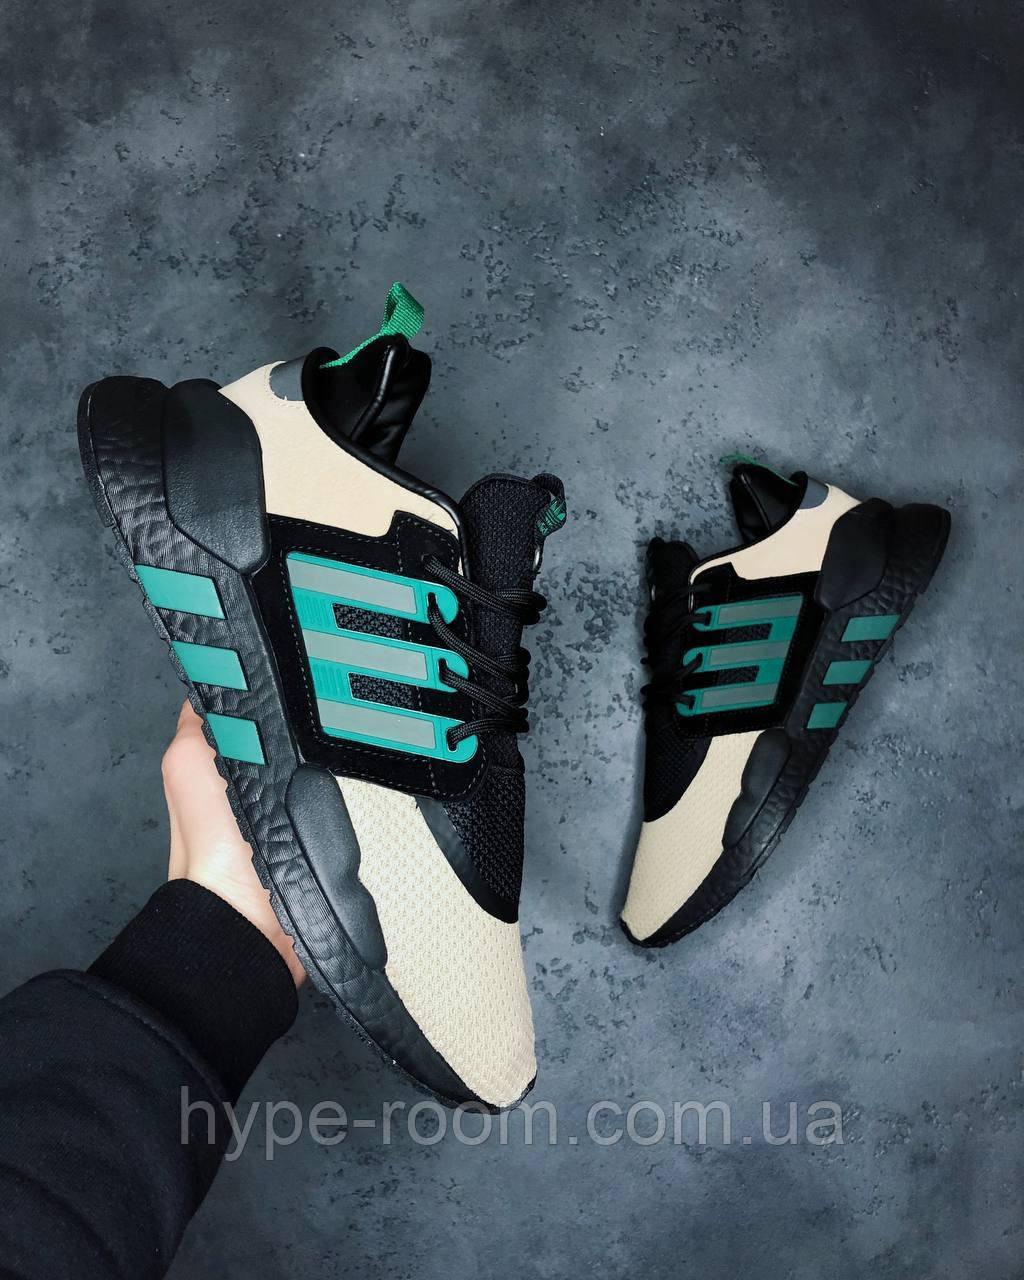 Мужские Кроссовки Adidas EQT Support Black Yellow адидас эквипмент